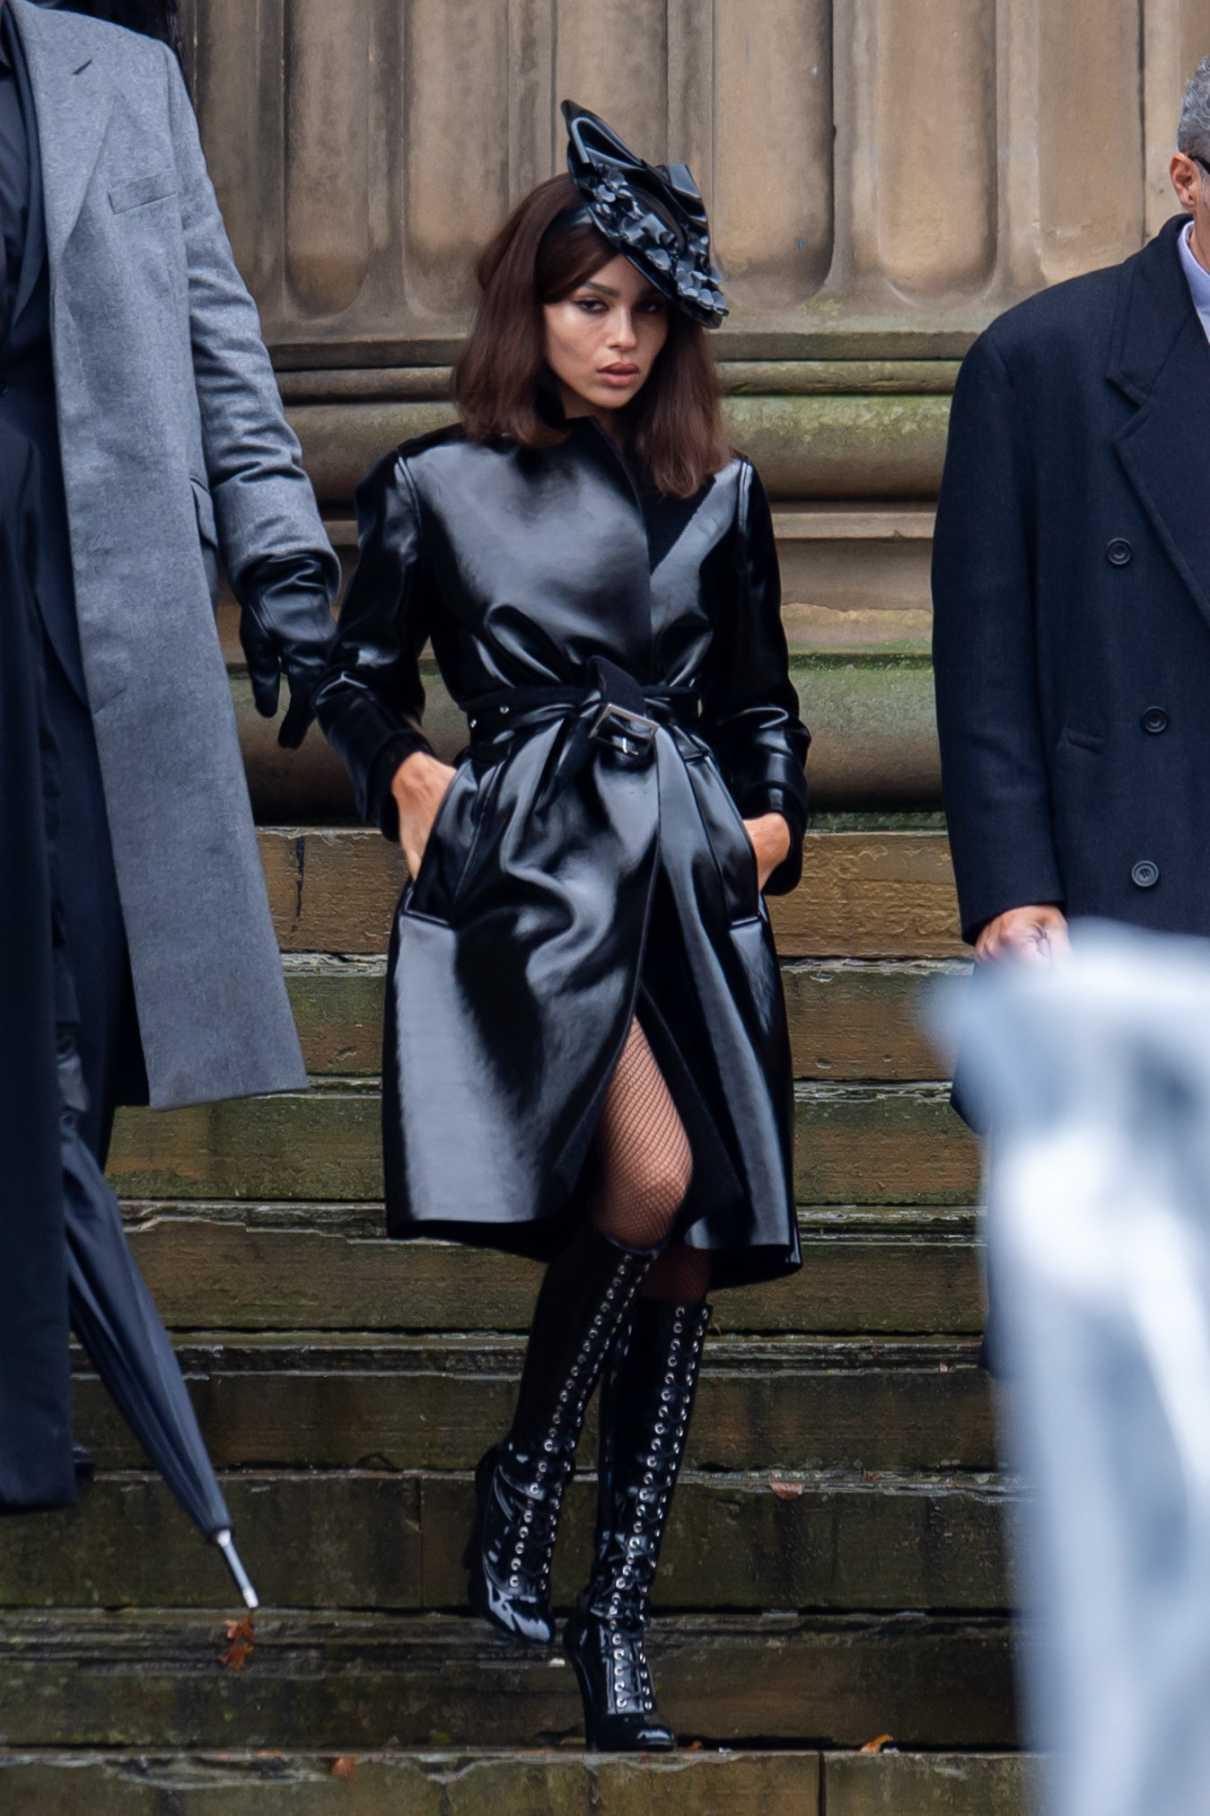 Zoe Kravitz in a Black Trench Coat